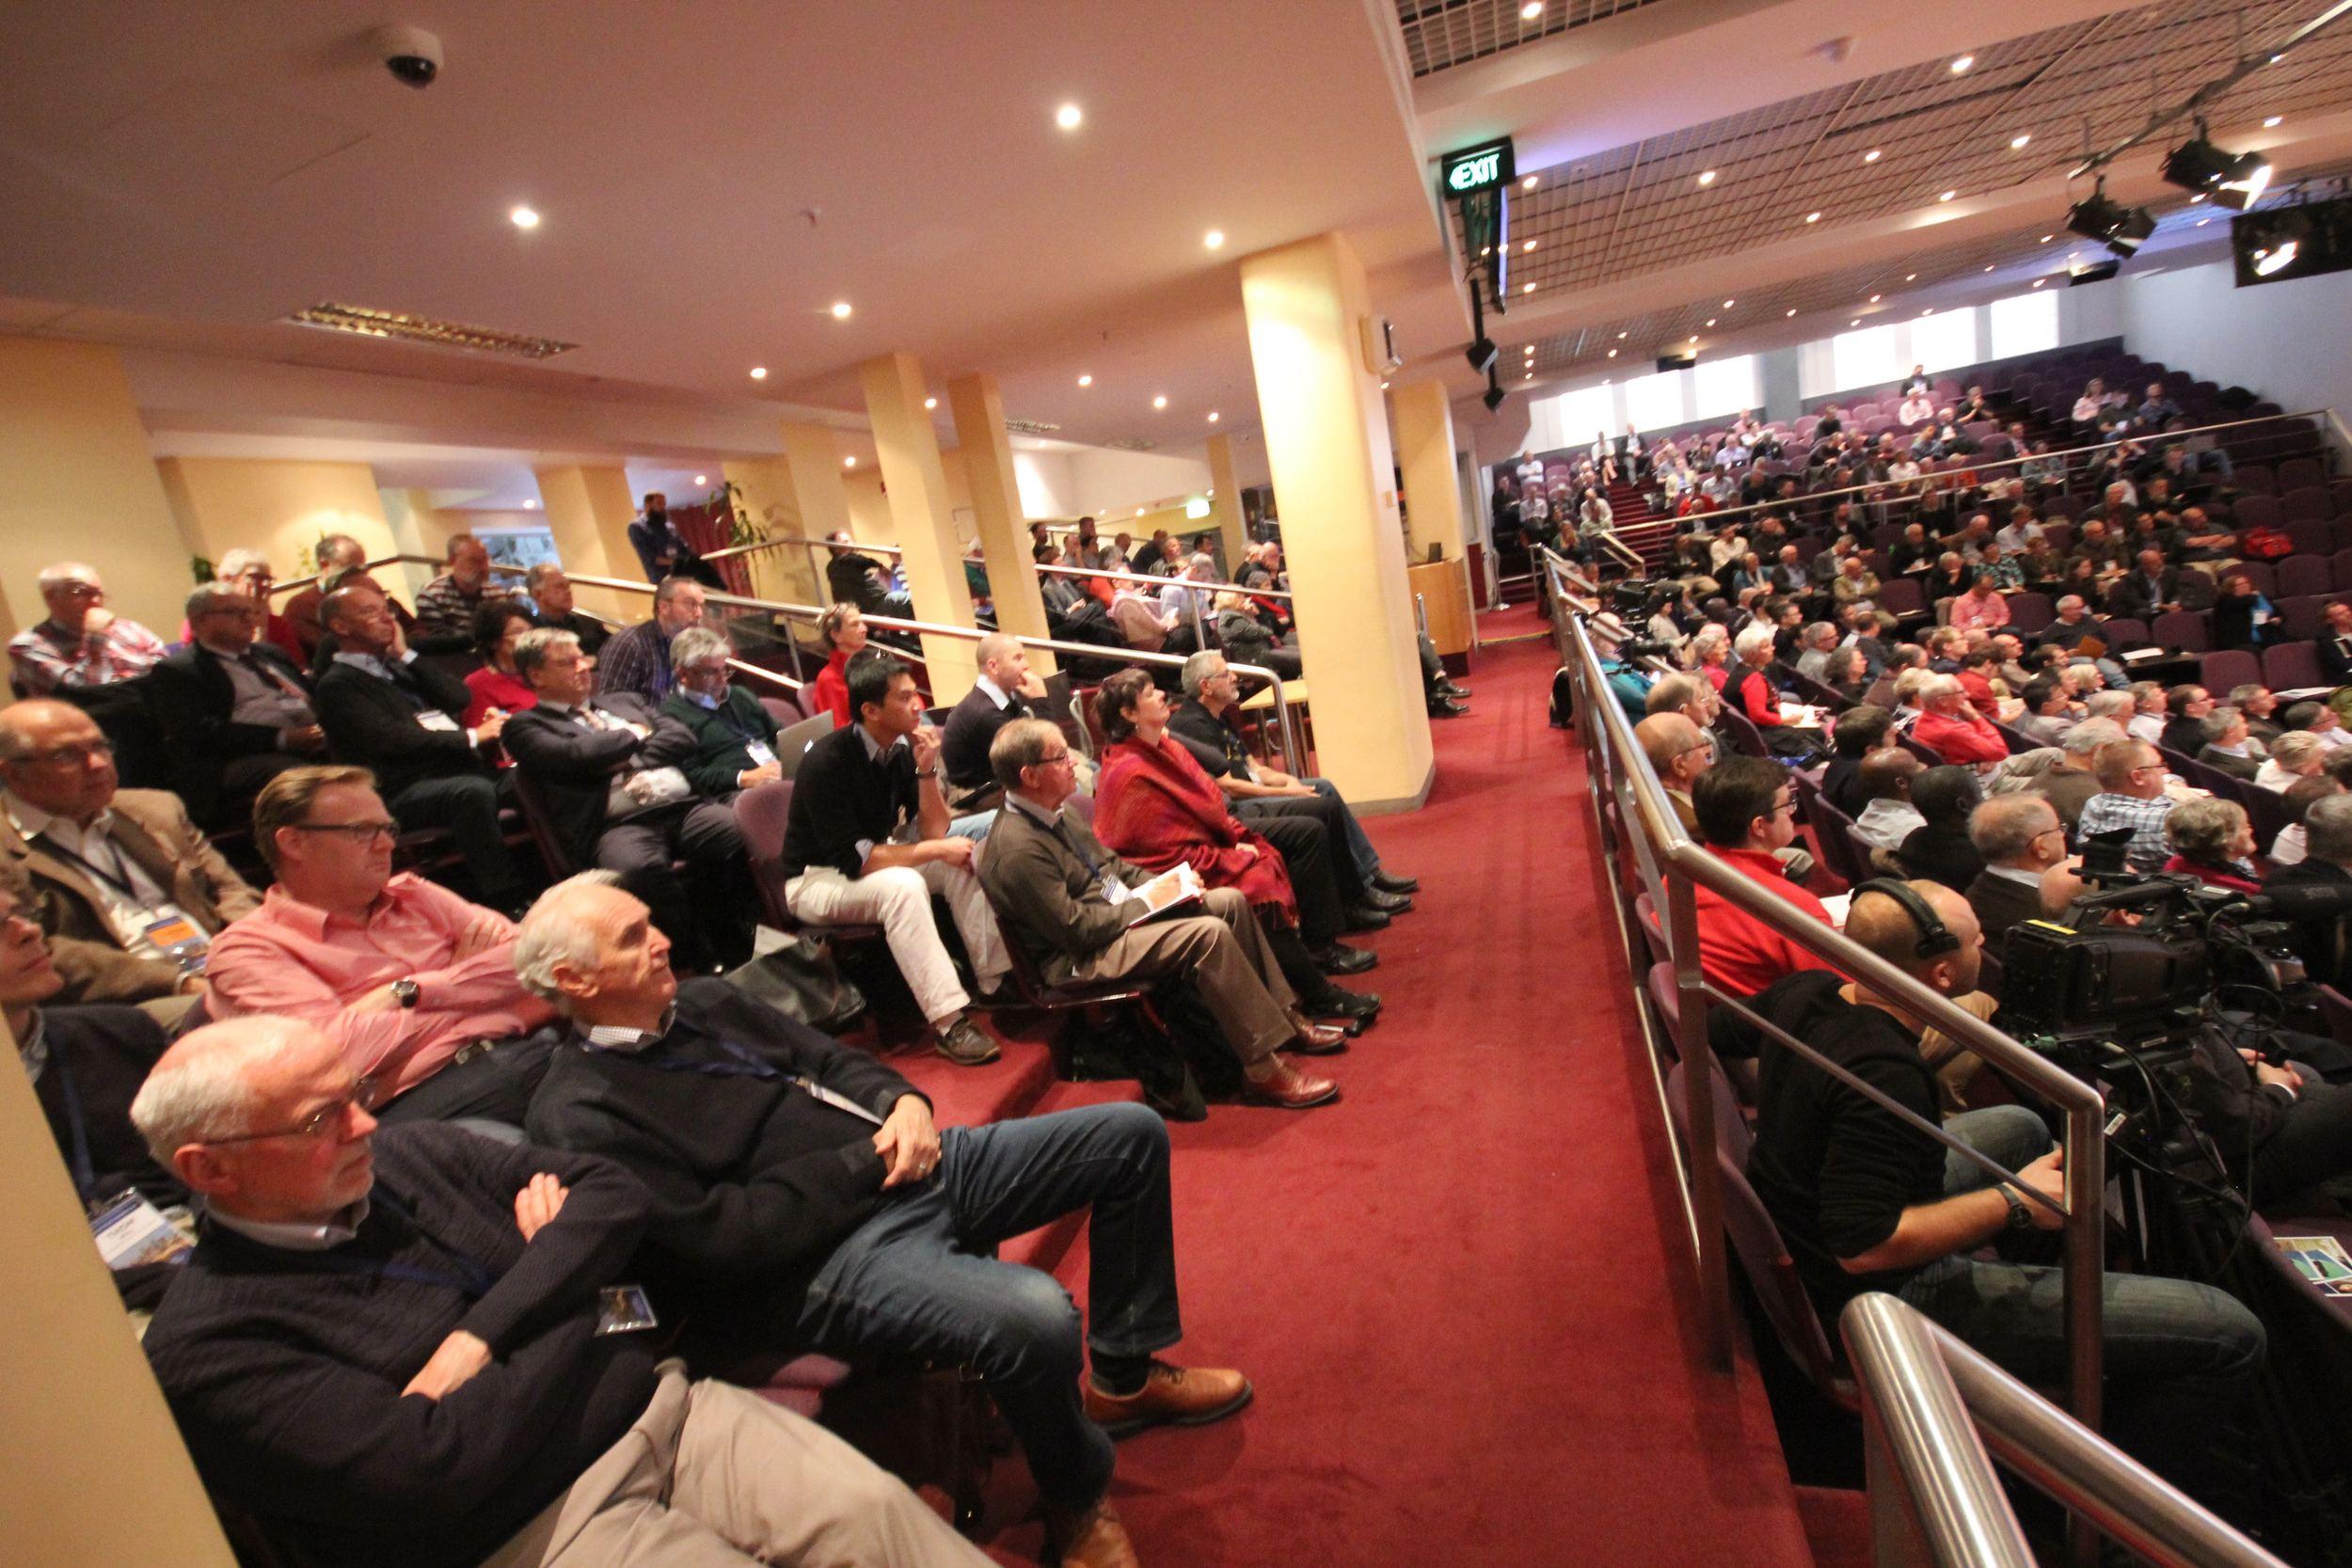 crowd auditorium.jpg